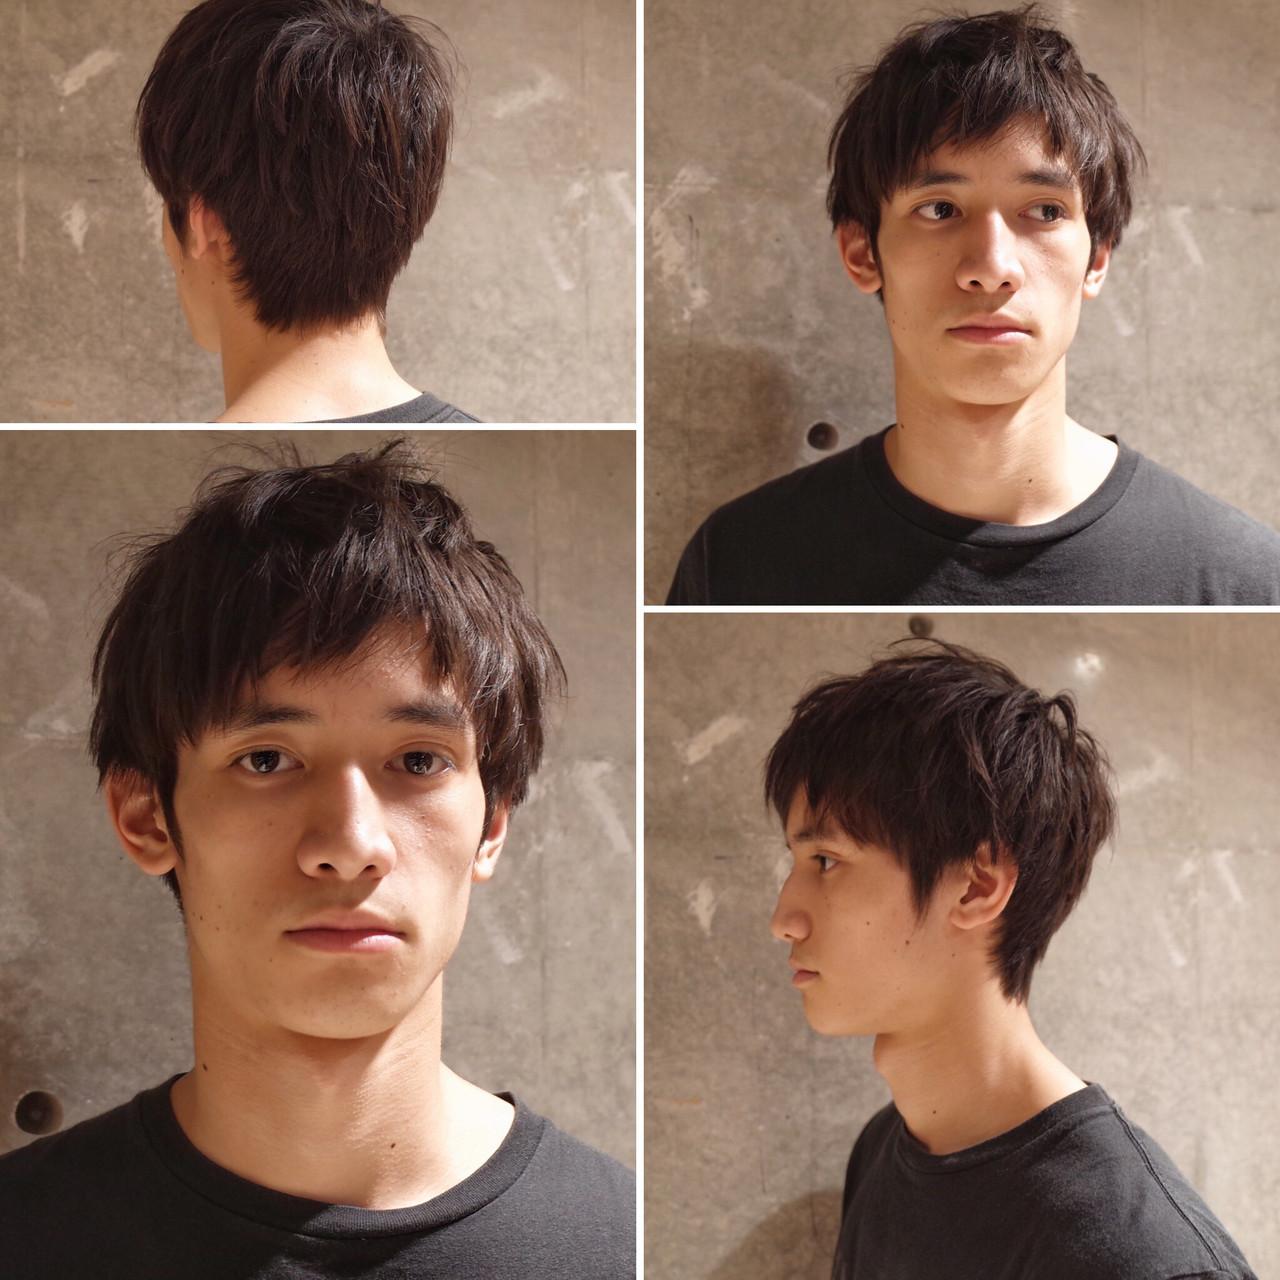 ナチュラル ショート ツーブロック メンズヘア ヘアスタイルや髪型の写真・画像